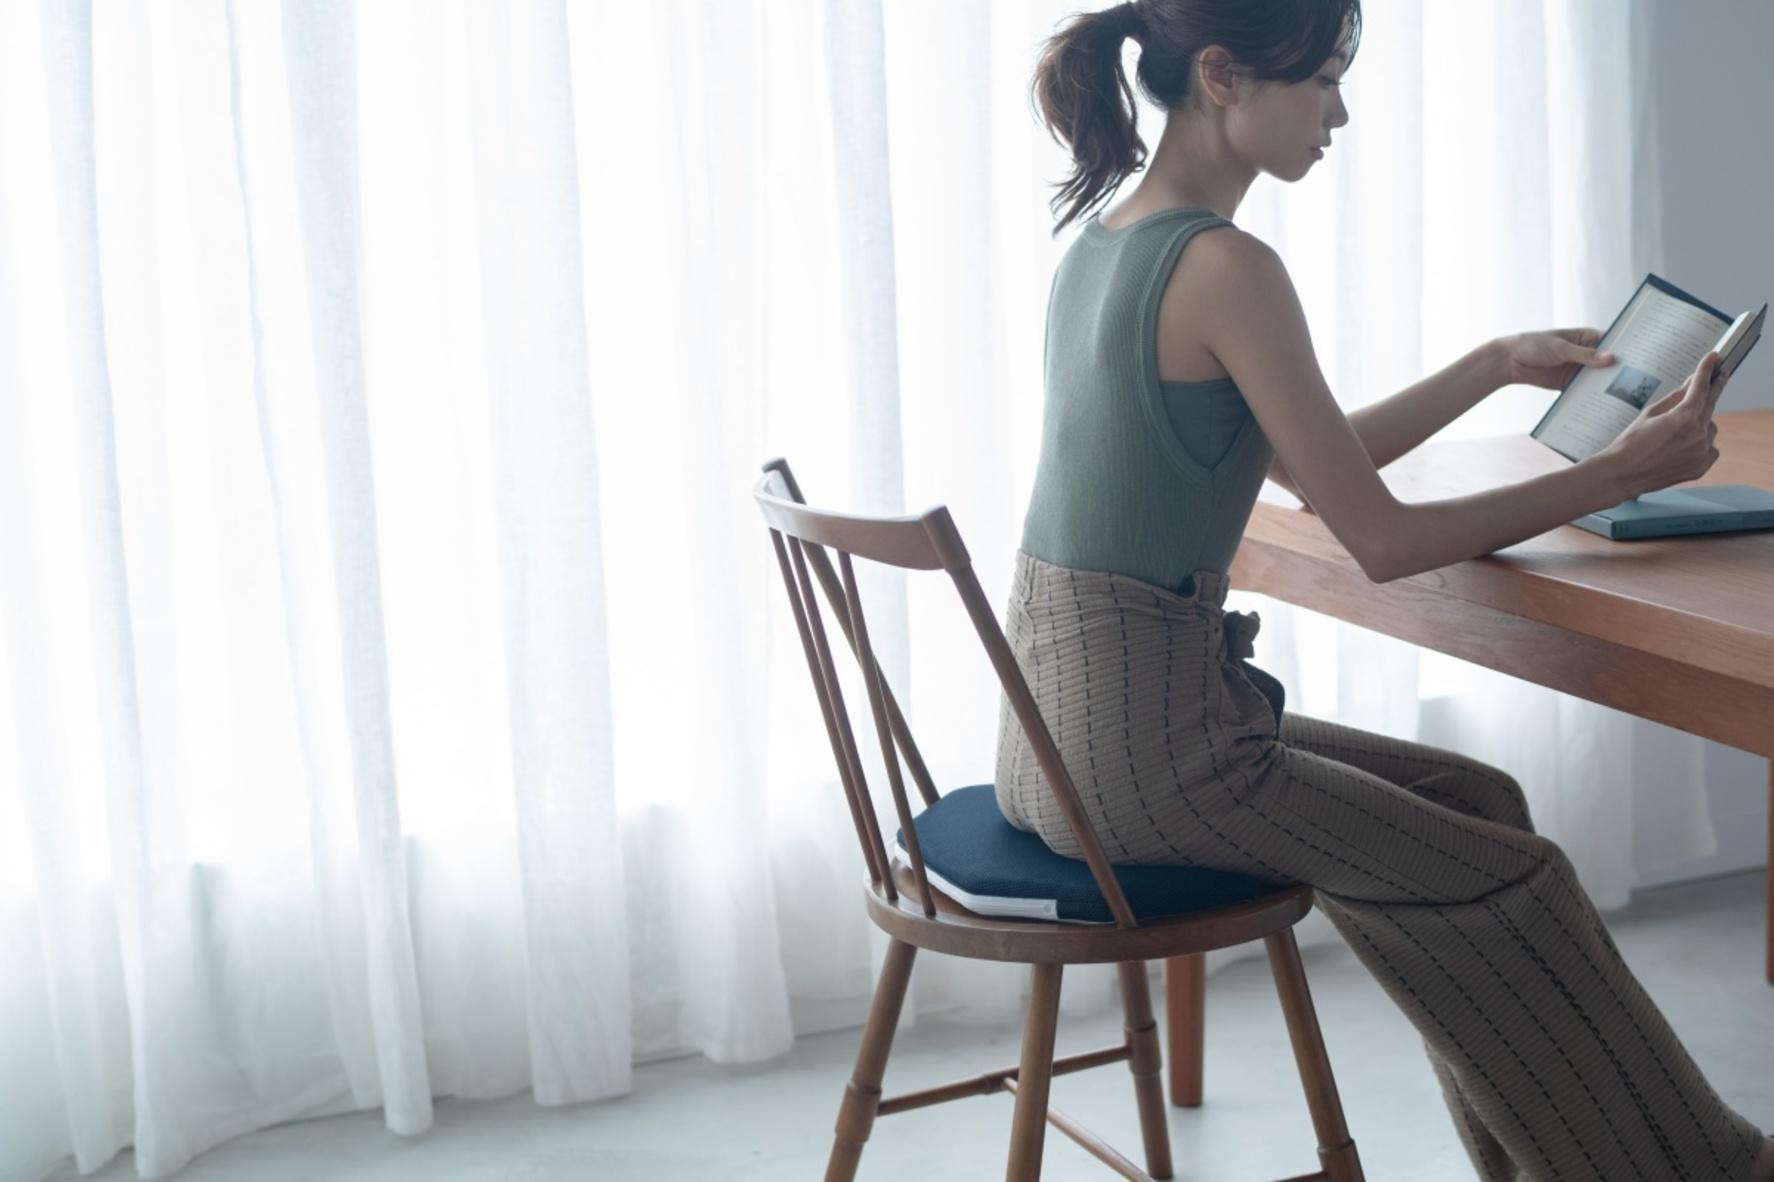 肩こりや腰痛とはこれでオサラバ! 座るだけで姿勢を正す「おしり専用 ...